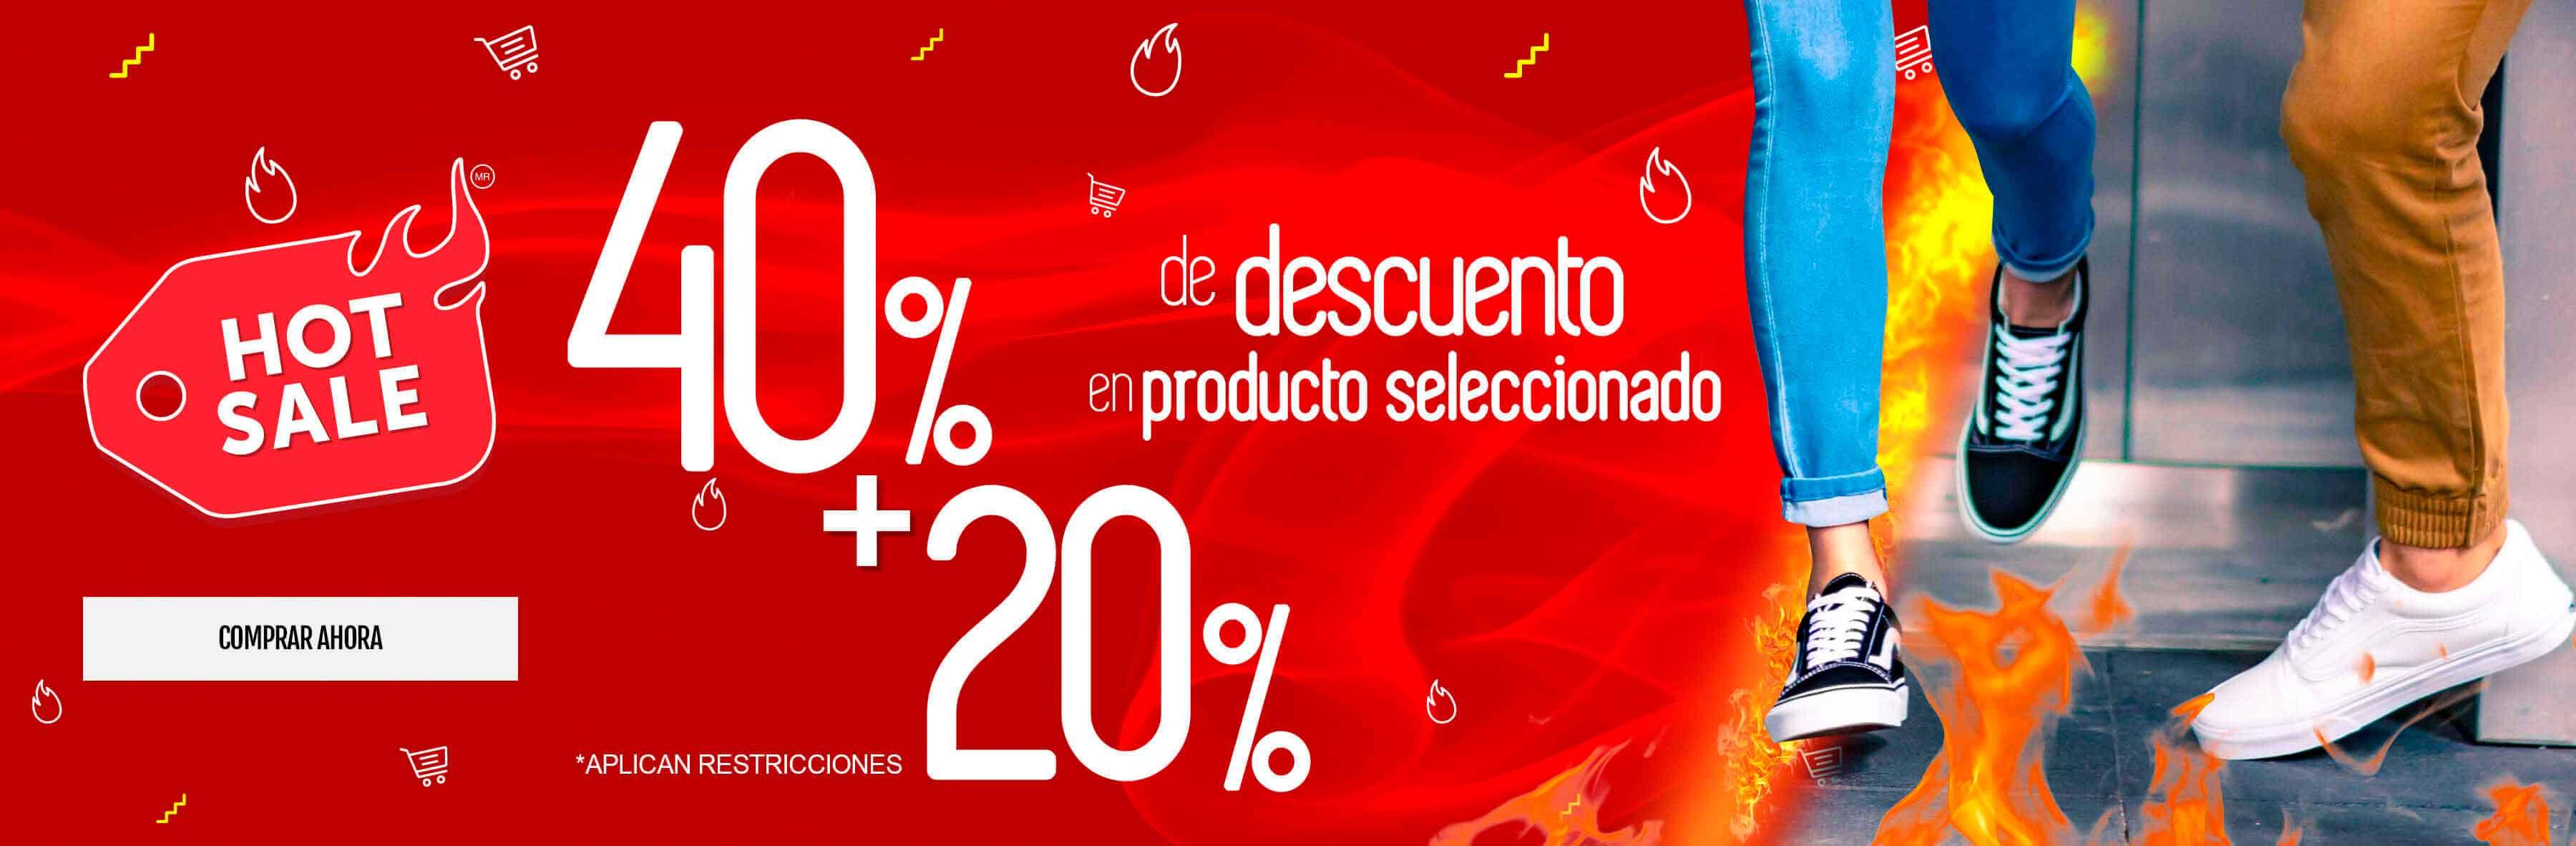 20% de descuento a producto con 40%